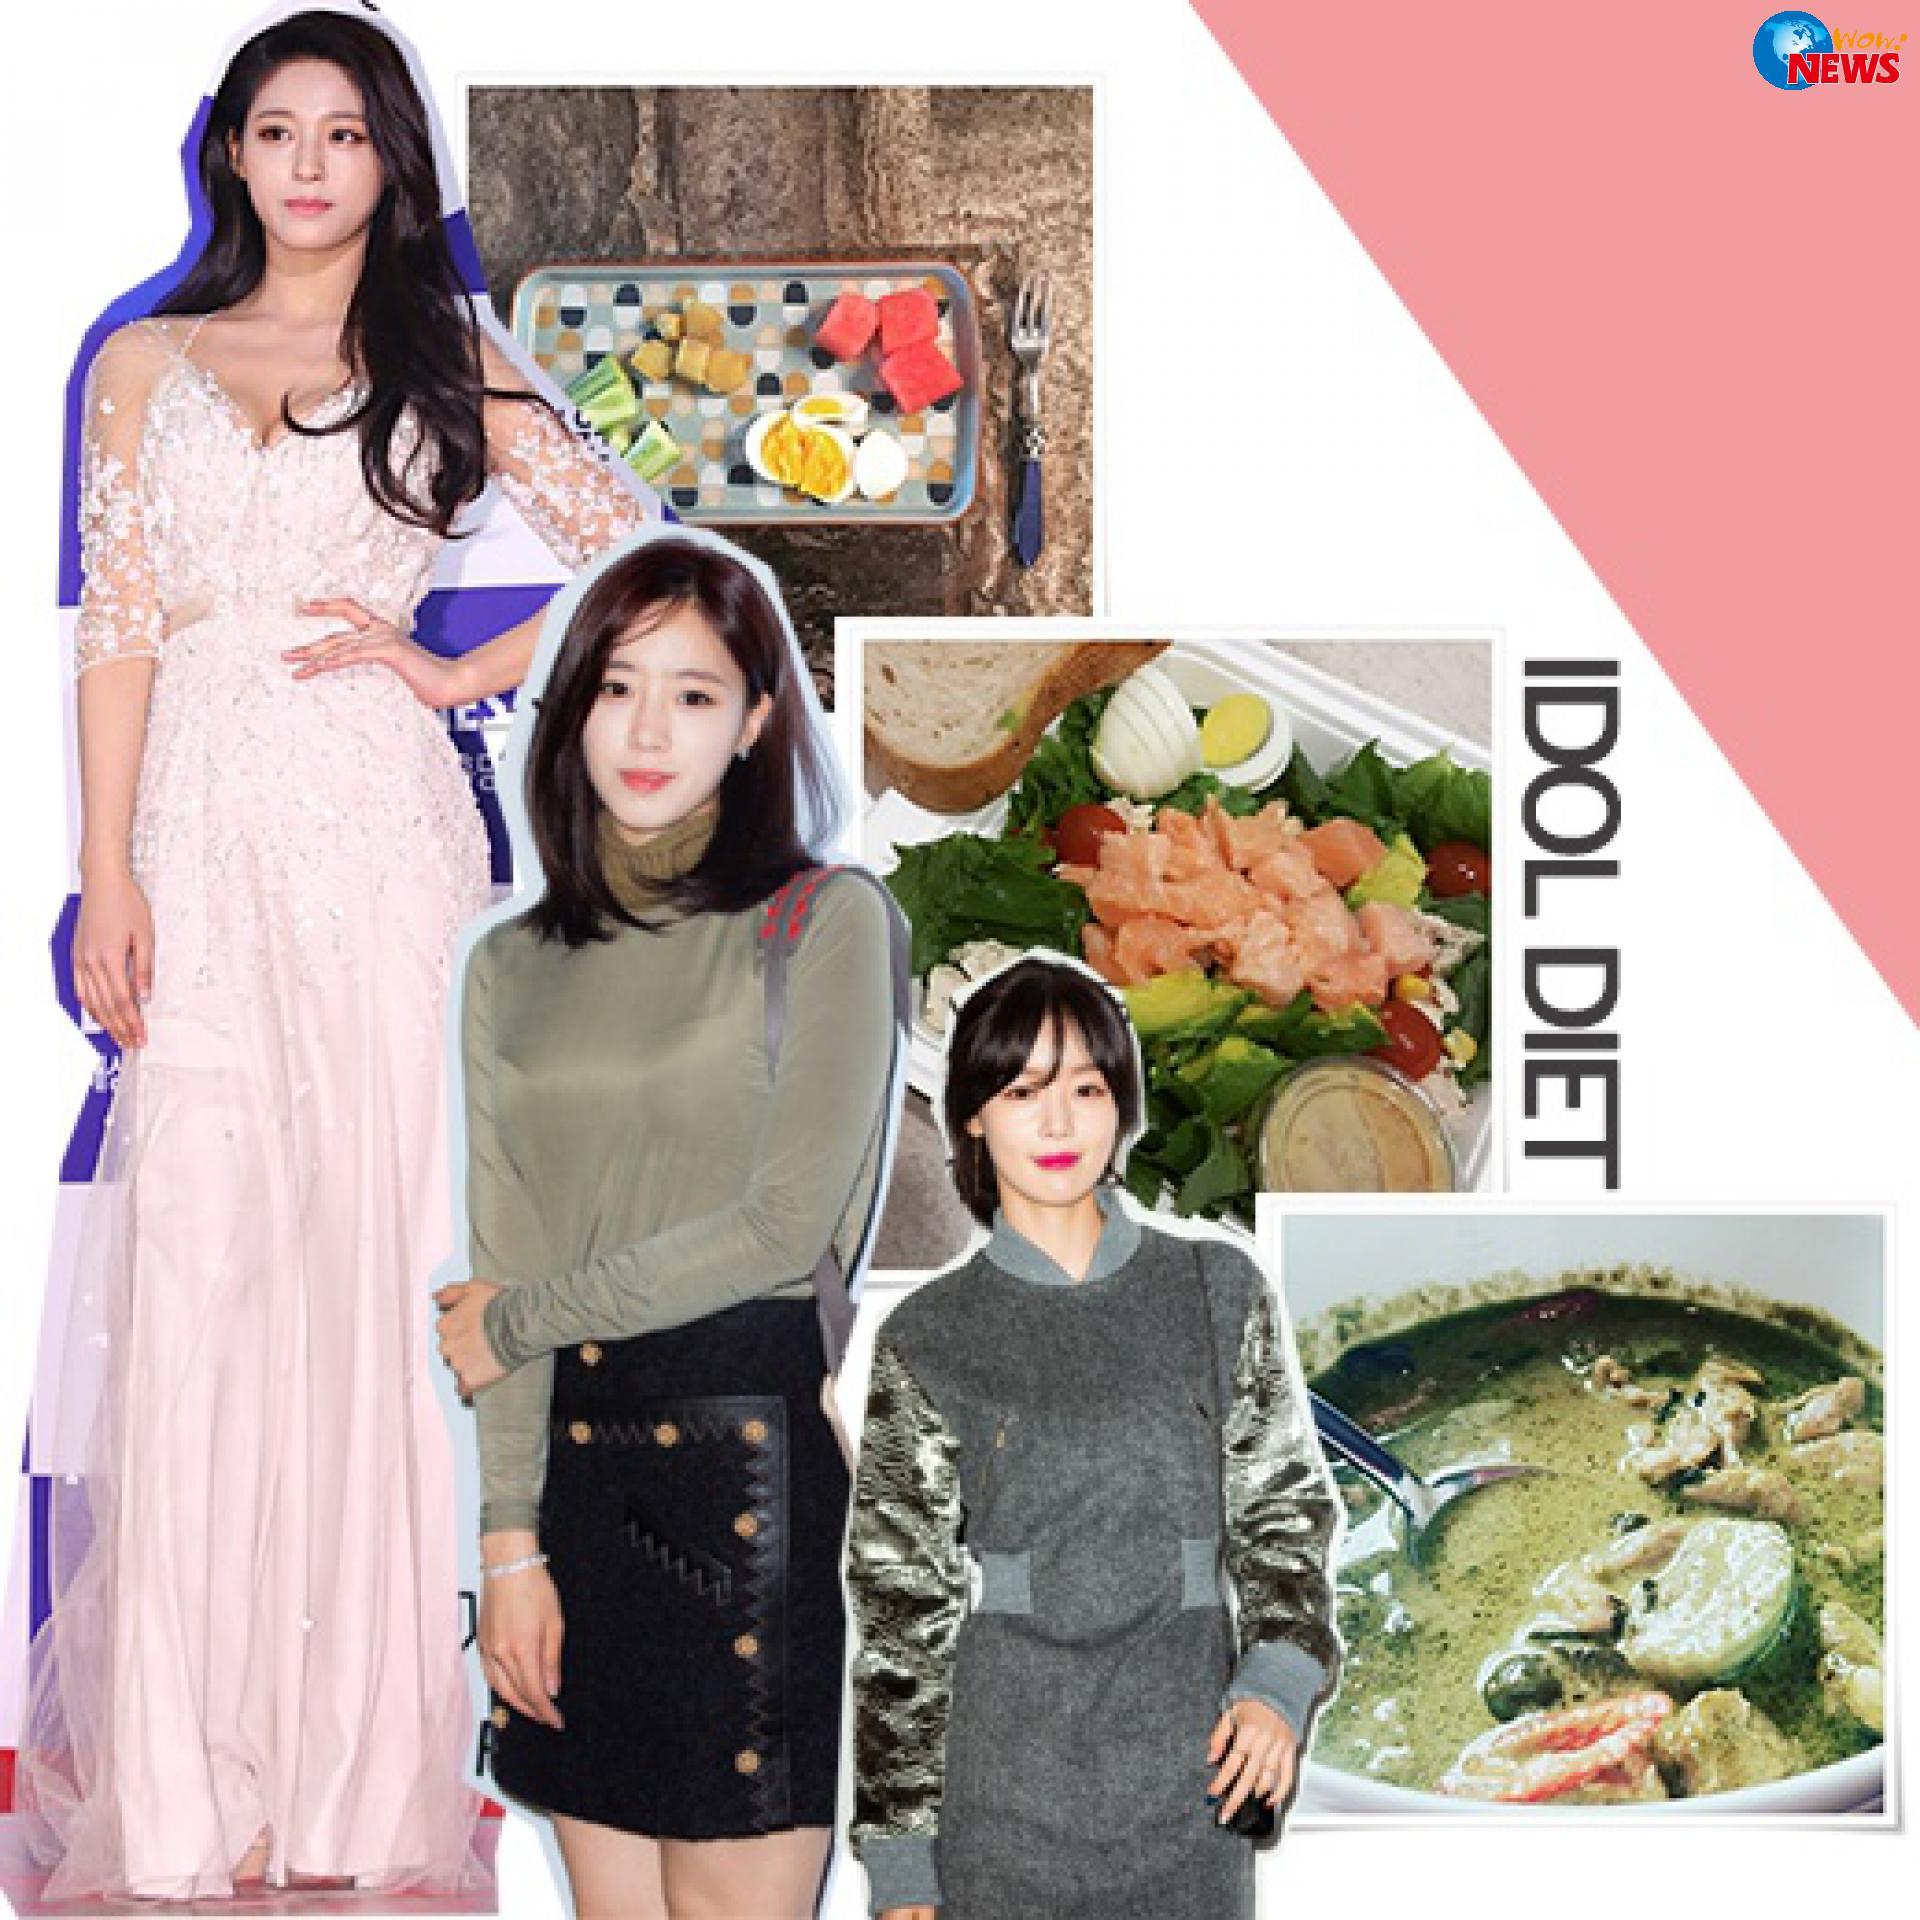 6名韓國愛豆公開瘦身食譜哪個最有效?...